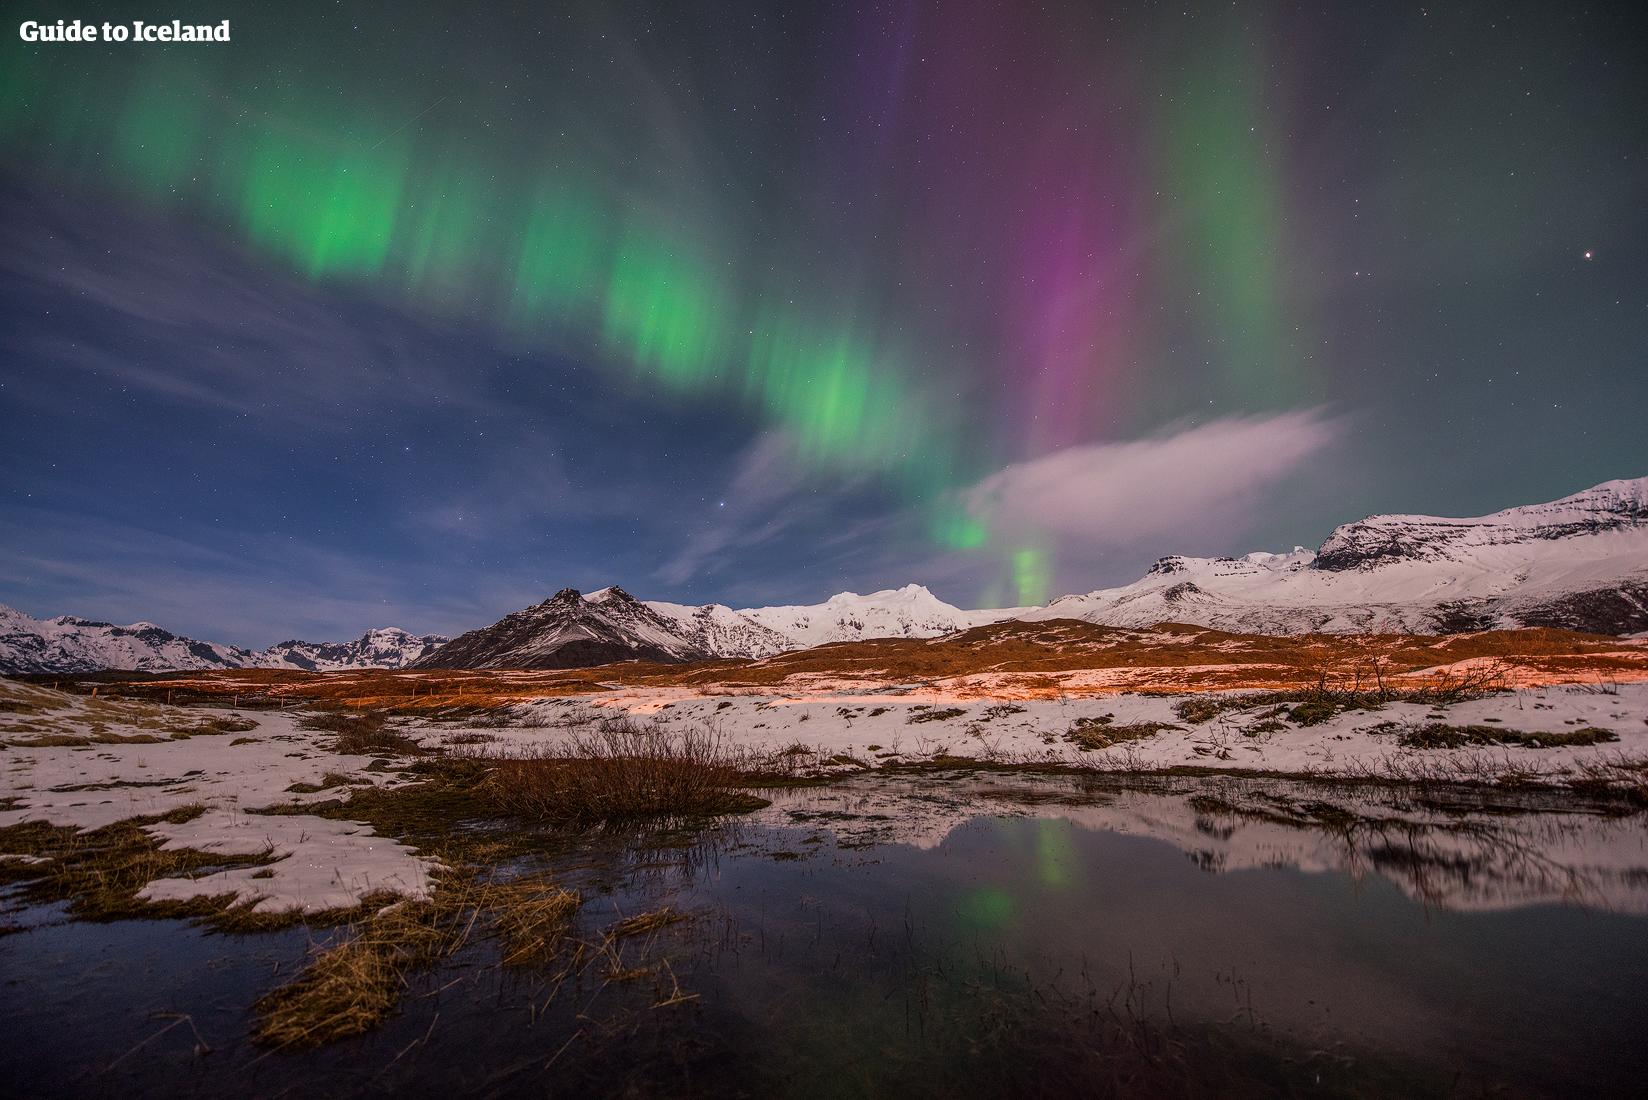 冬にアイスランド旅行をすればオーロラを見られるチャンスがある